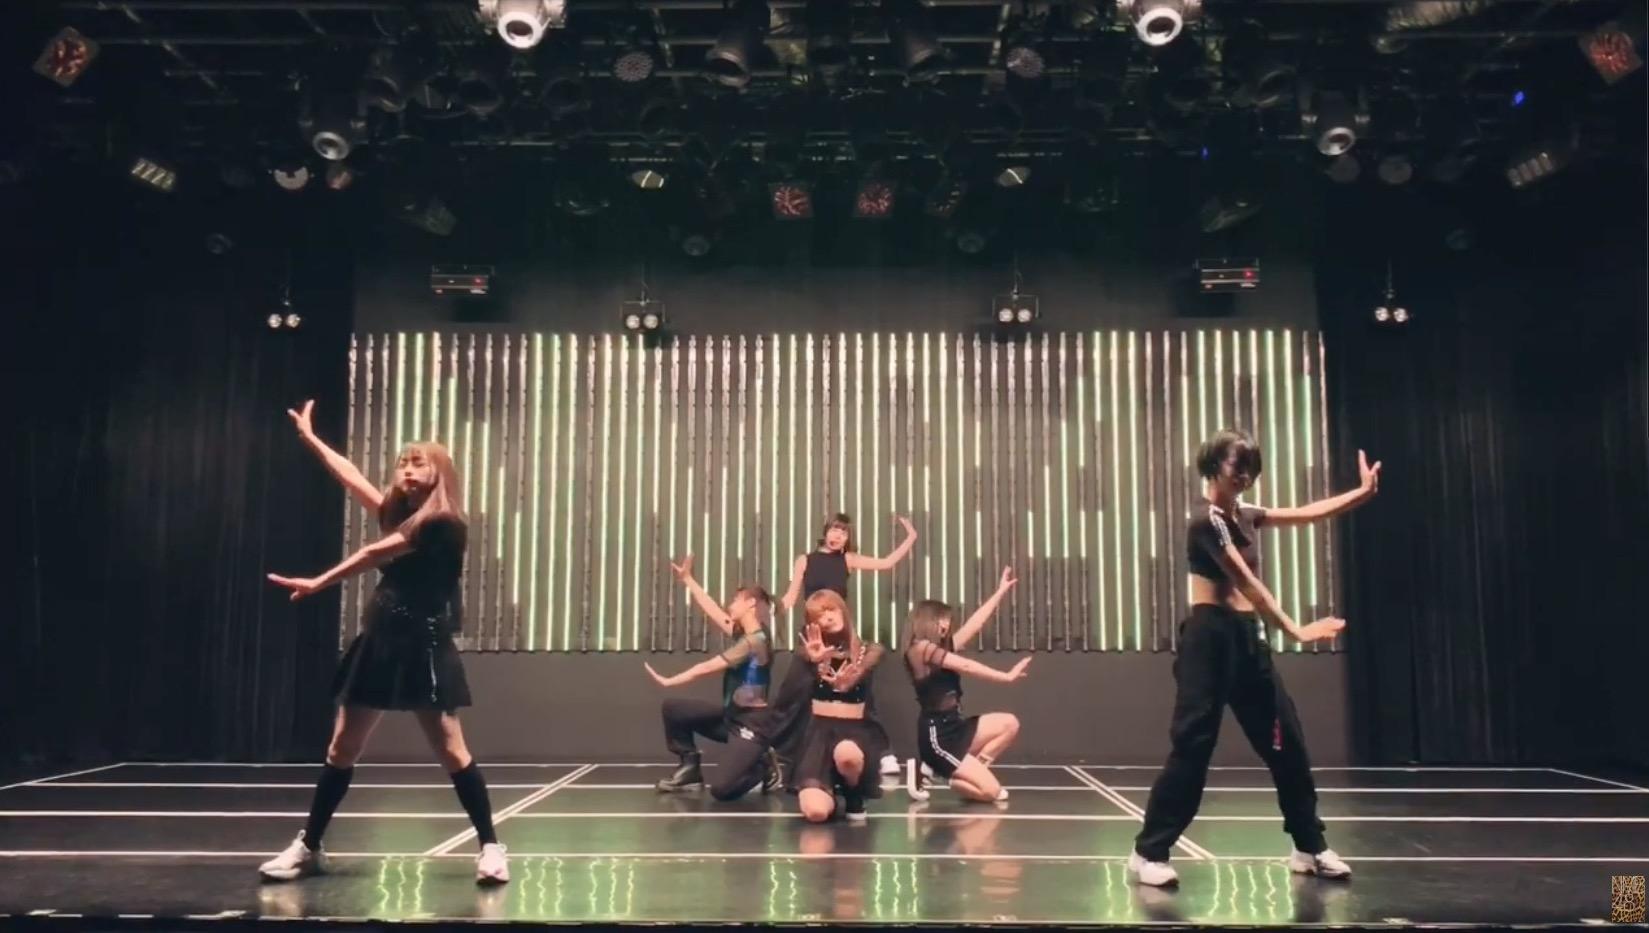 【NMB48】「野蛮な求愛」だんさぶる!バージョンの動画がYouTubeで公開